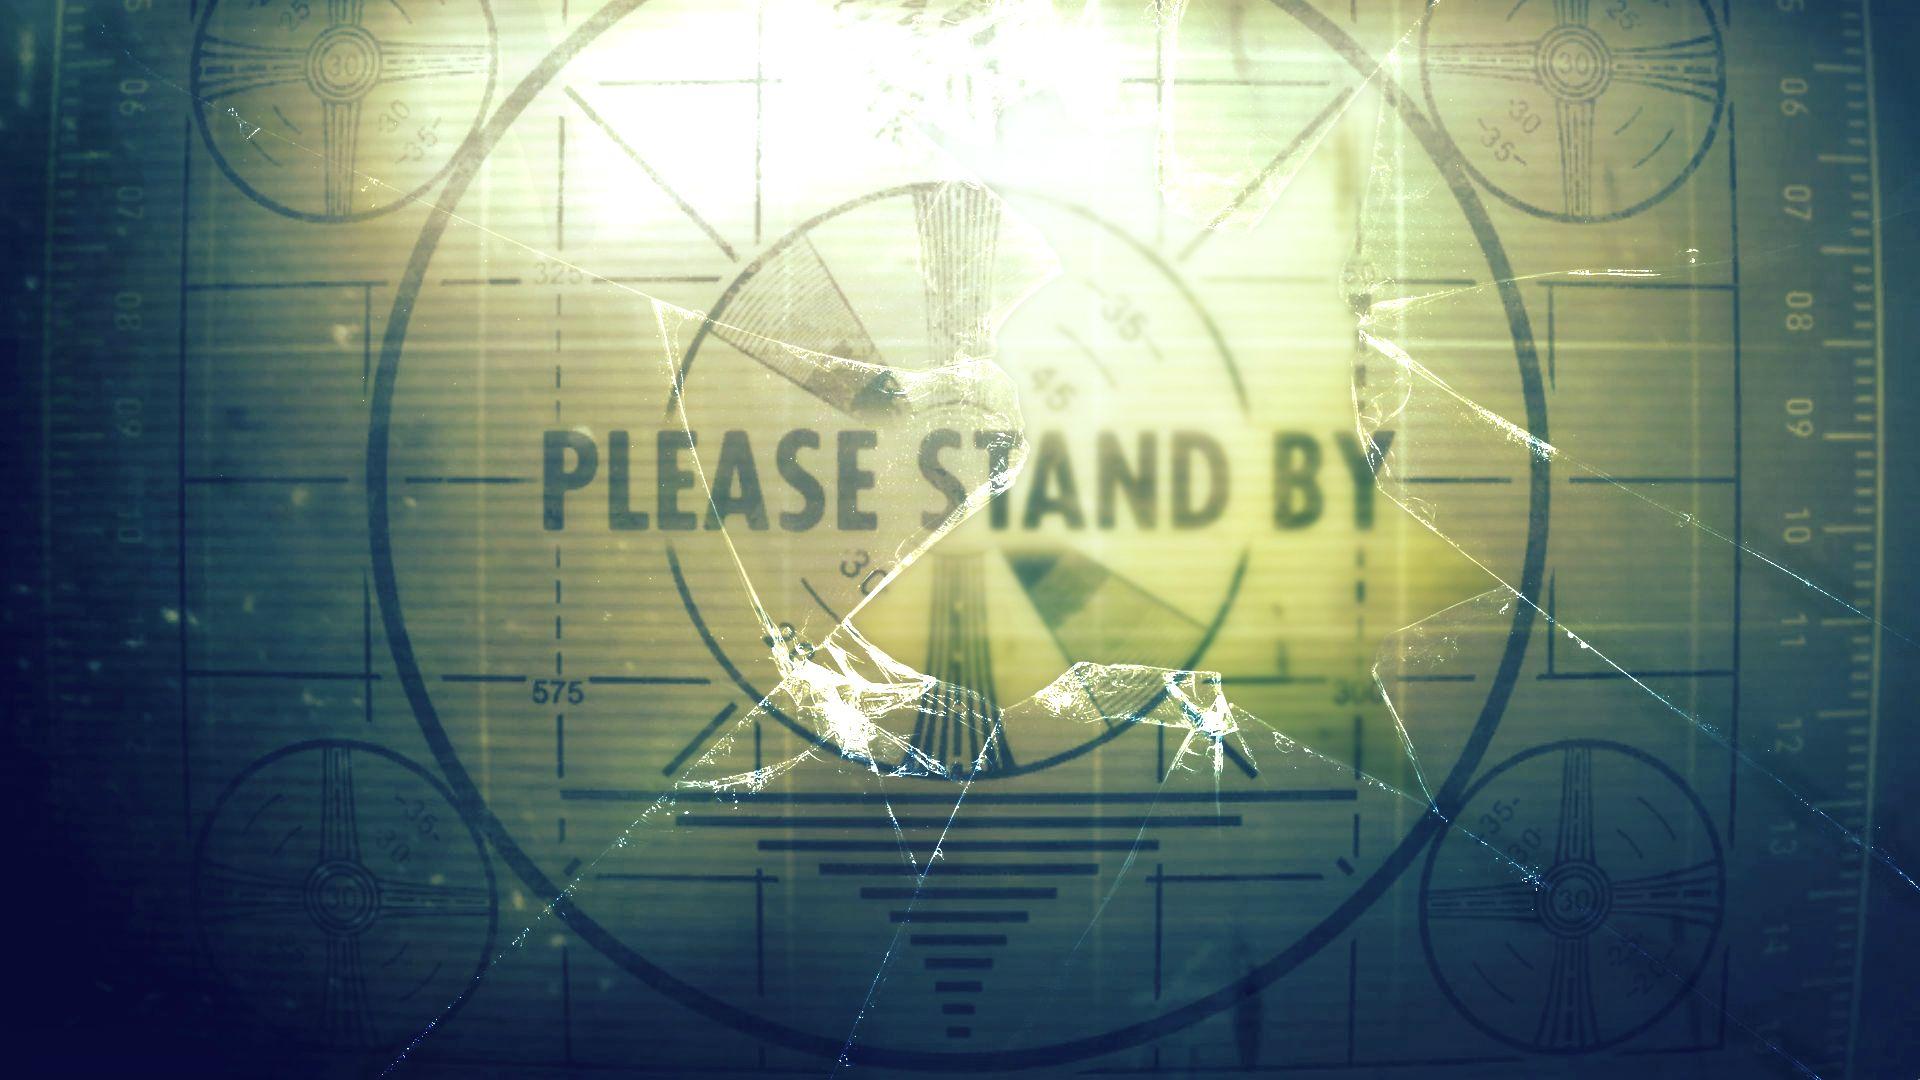 Fallout Desktop Wallpapers - WallpaperSafari